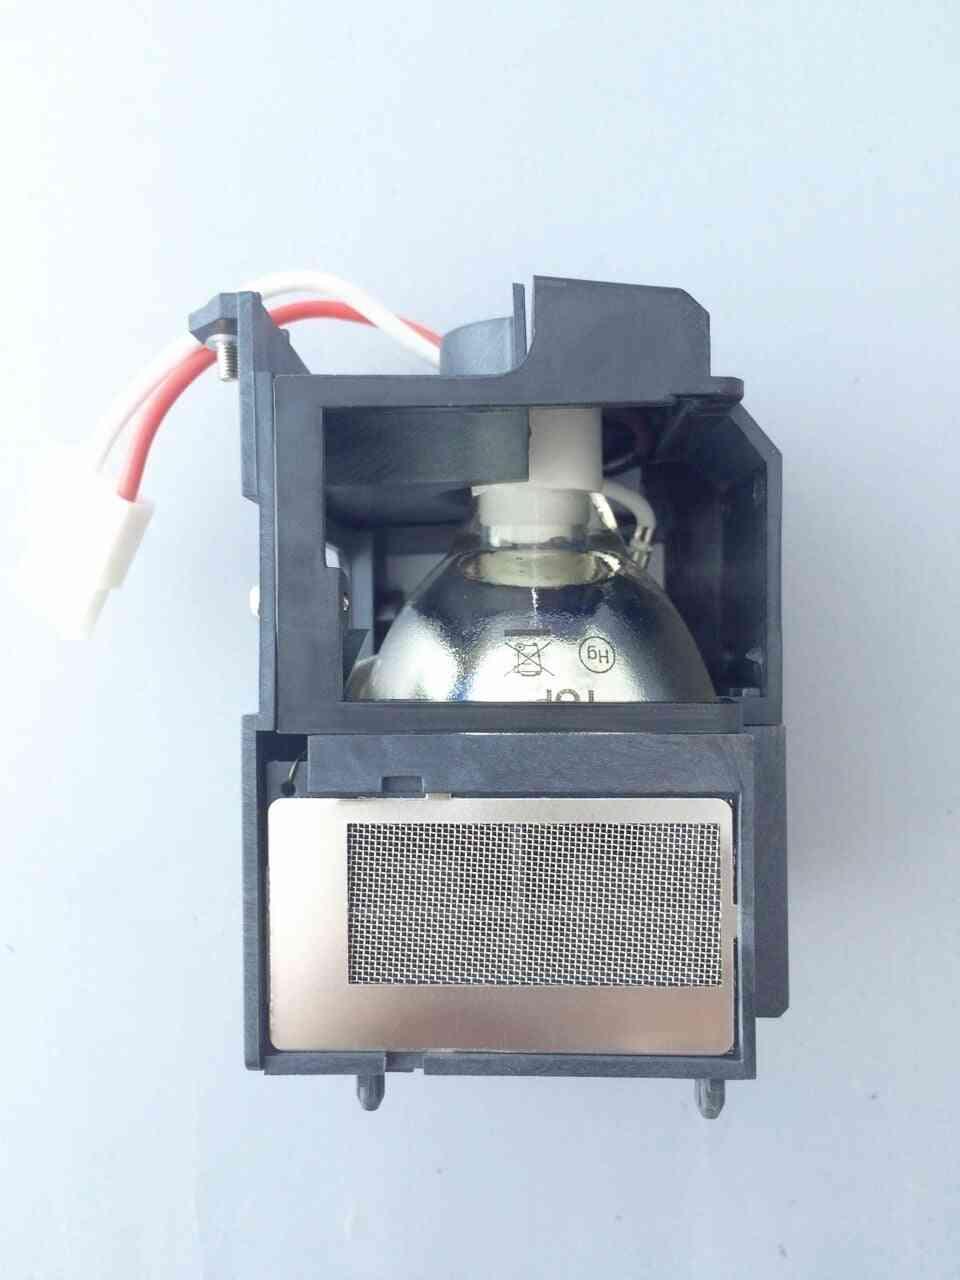 Replacement Lamp For Infocus X2 / Lpx2 / X3 / C110 / C130